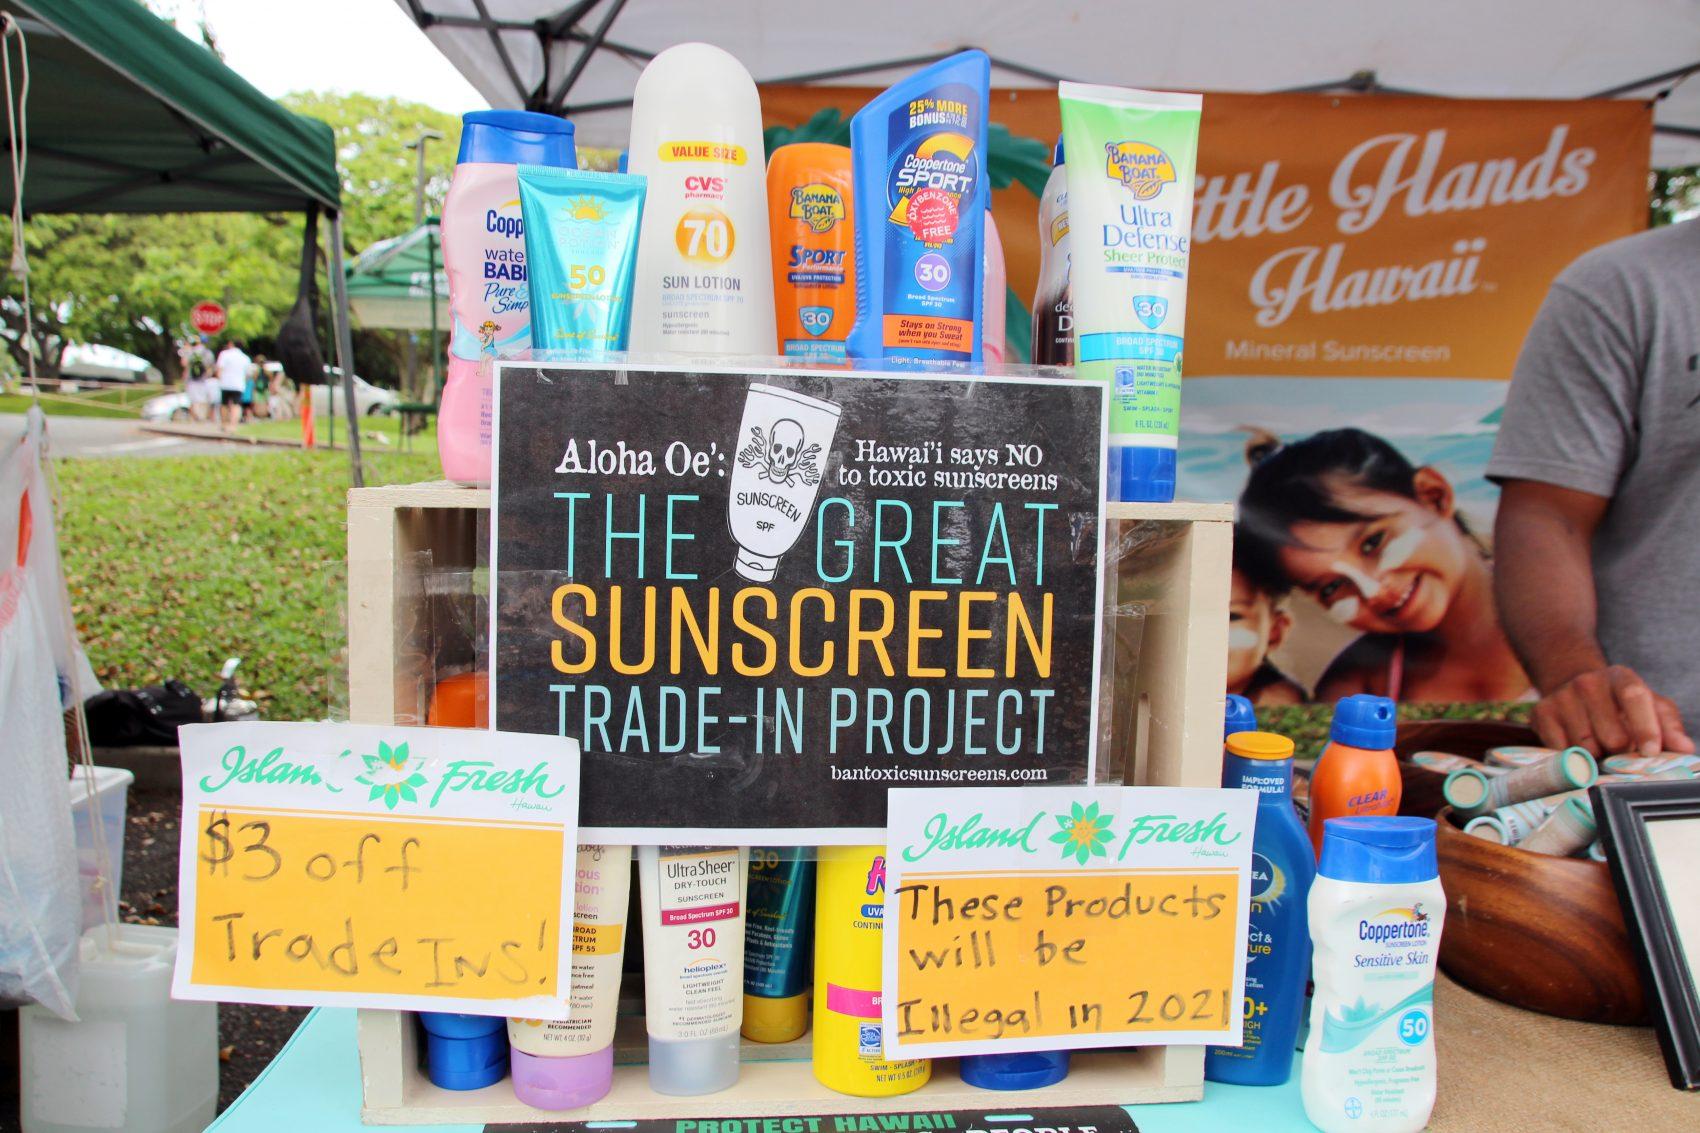 Filtros solares à venda no Havaí: pesquisa analisou 1300 e constatou que eles não passariam por regras de segurança da agência americana para medicamentos e alimentos (Foto: Christina Horsten/DPA)